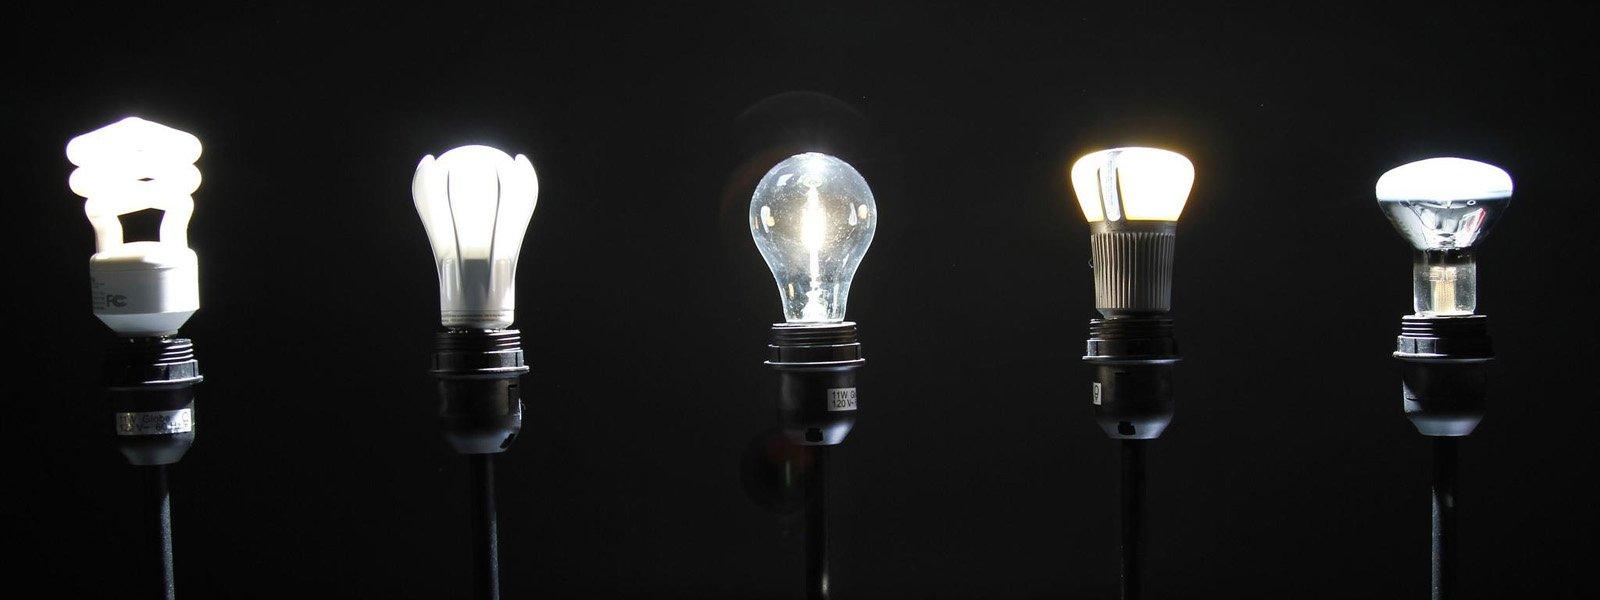 Episode 6 - Light Bulbs